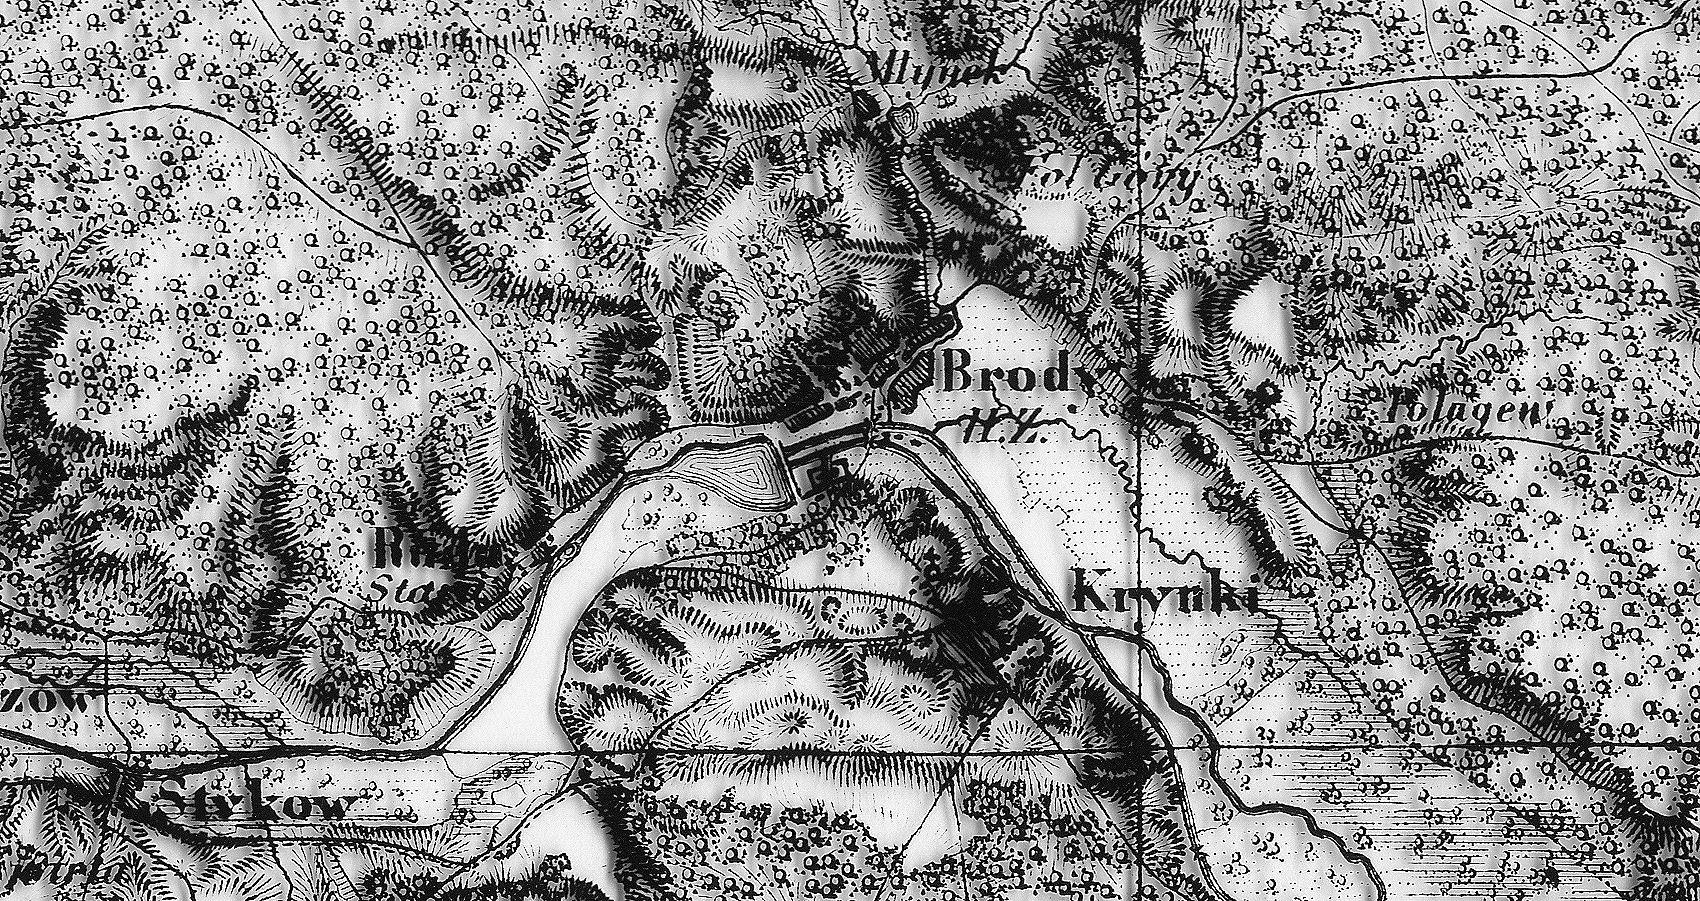 1839-mapa-historyczna-brody-stykow-swietokrzyskie.jpg